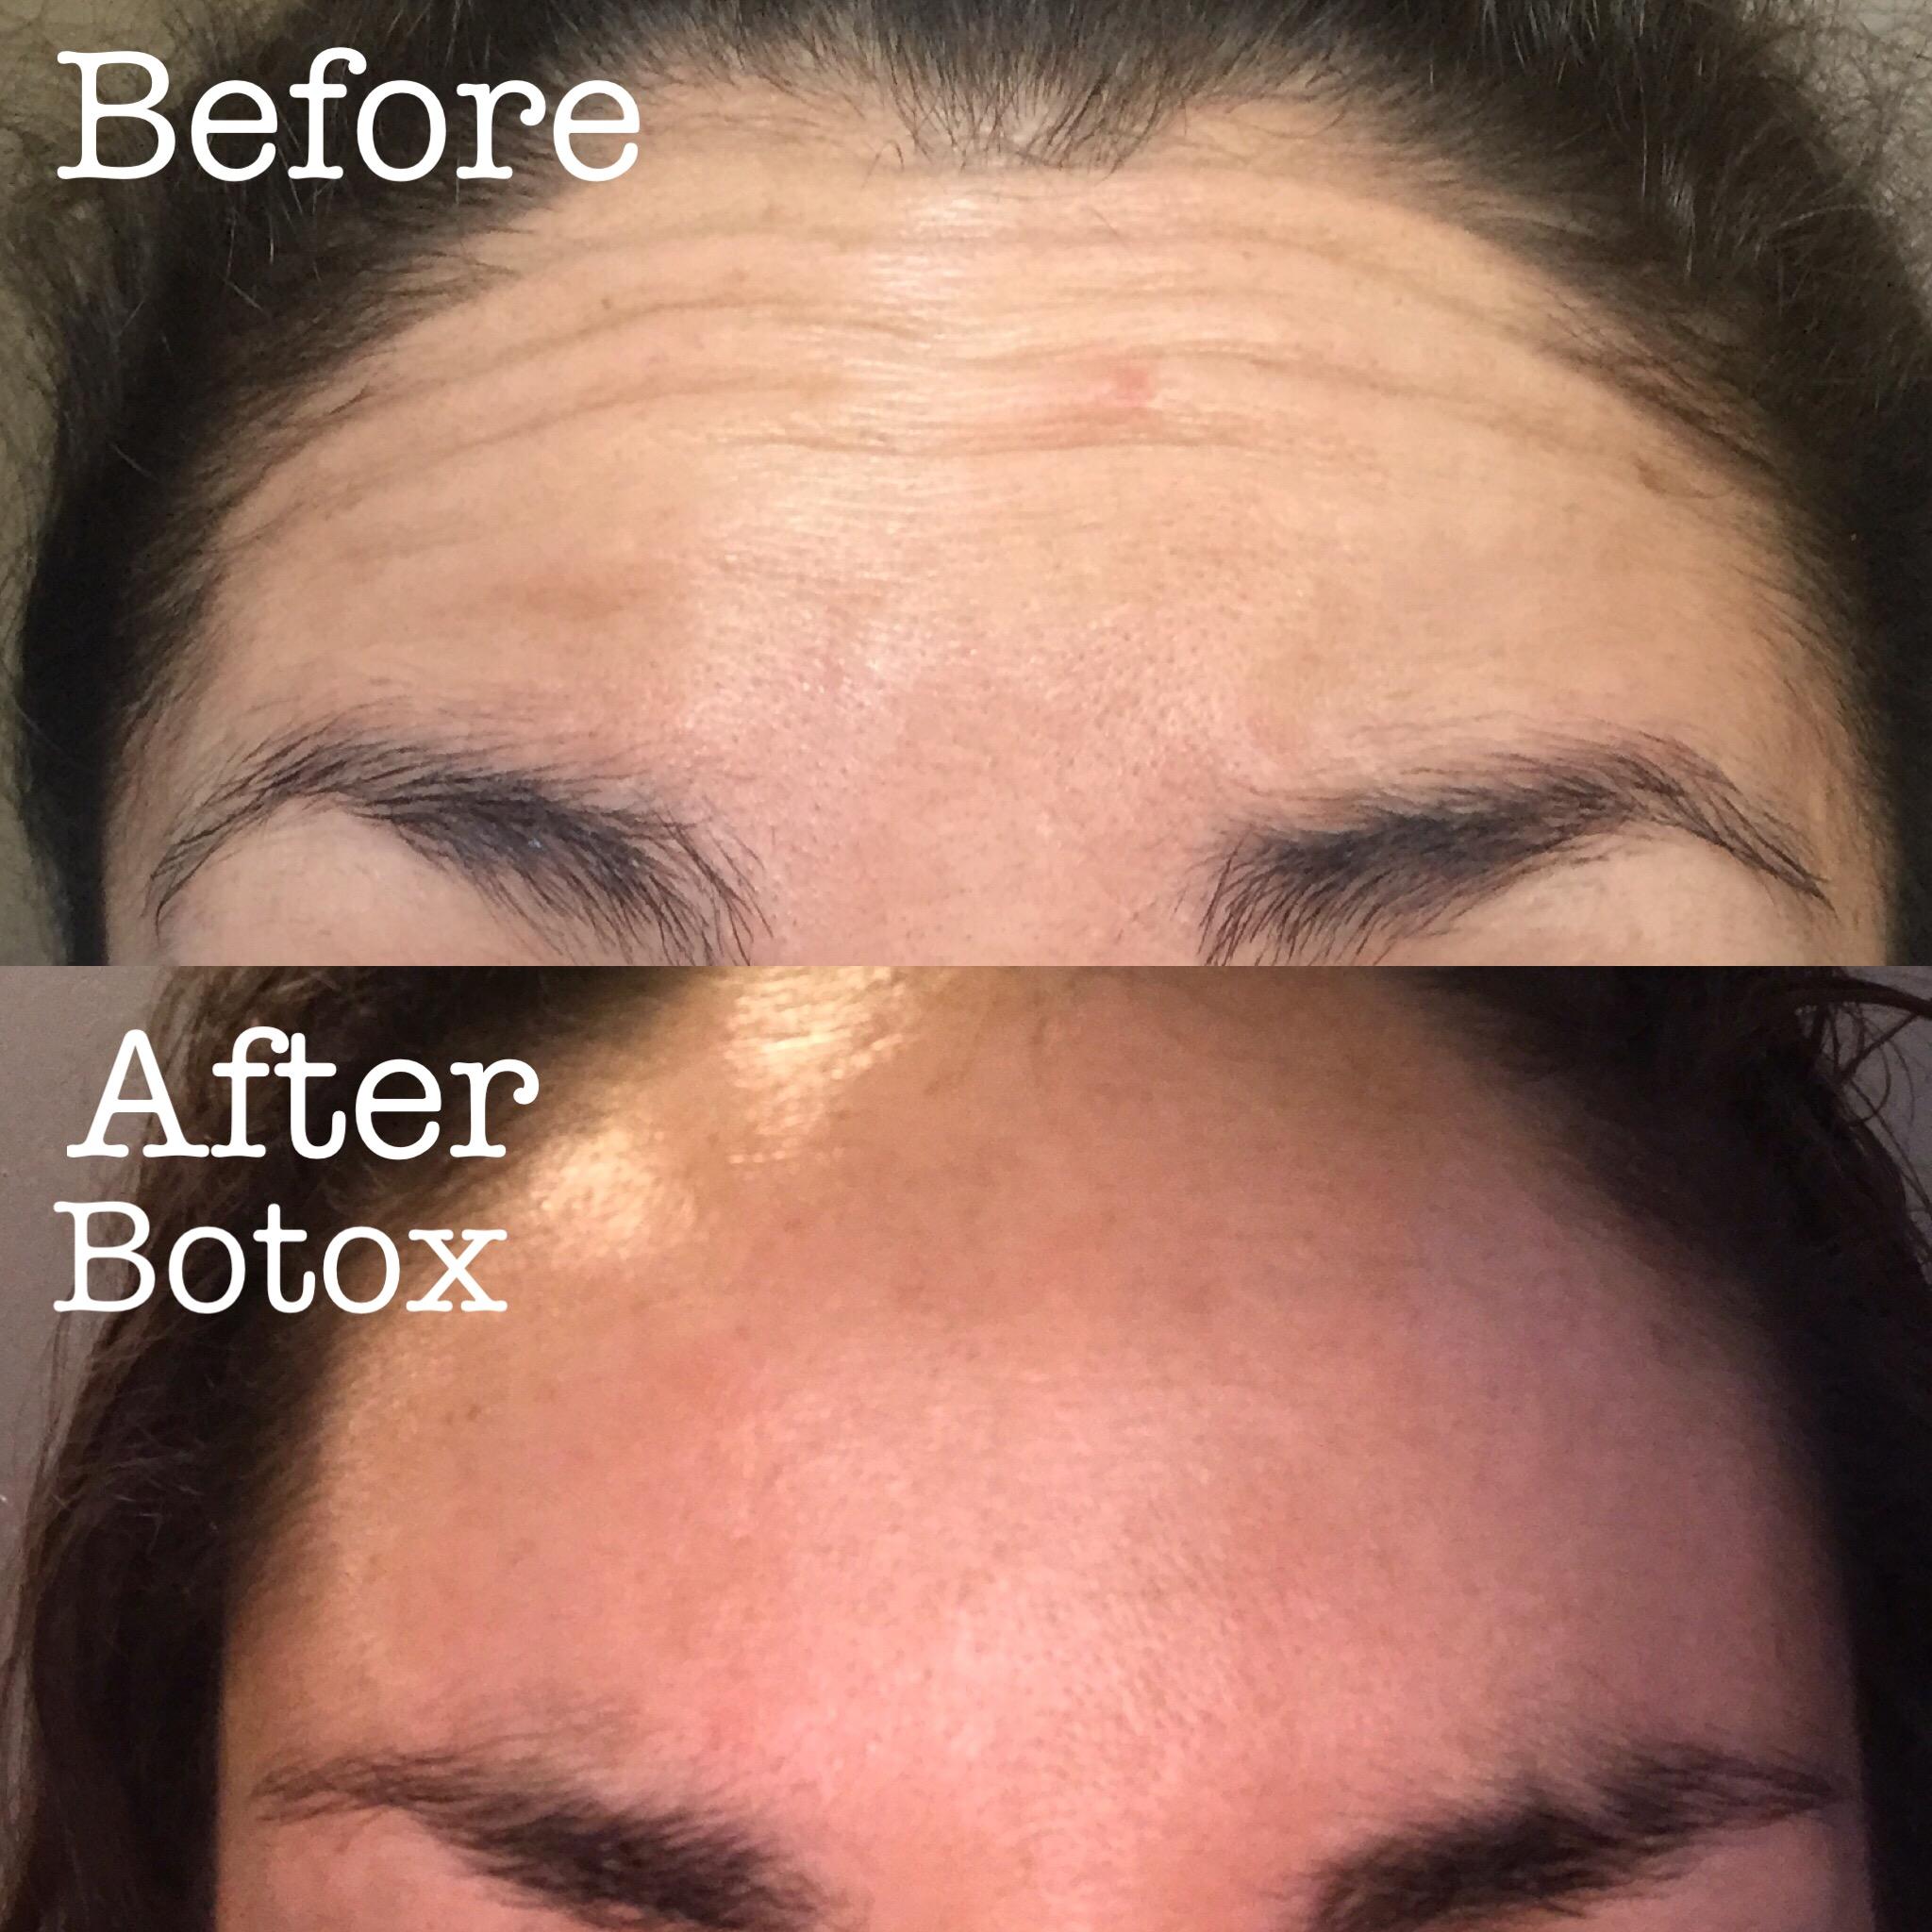 Botox!